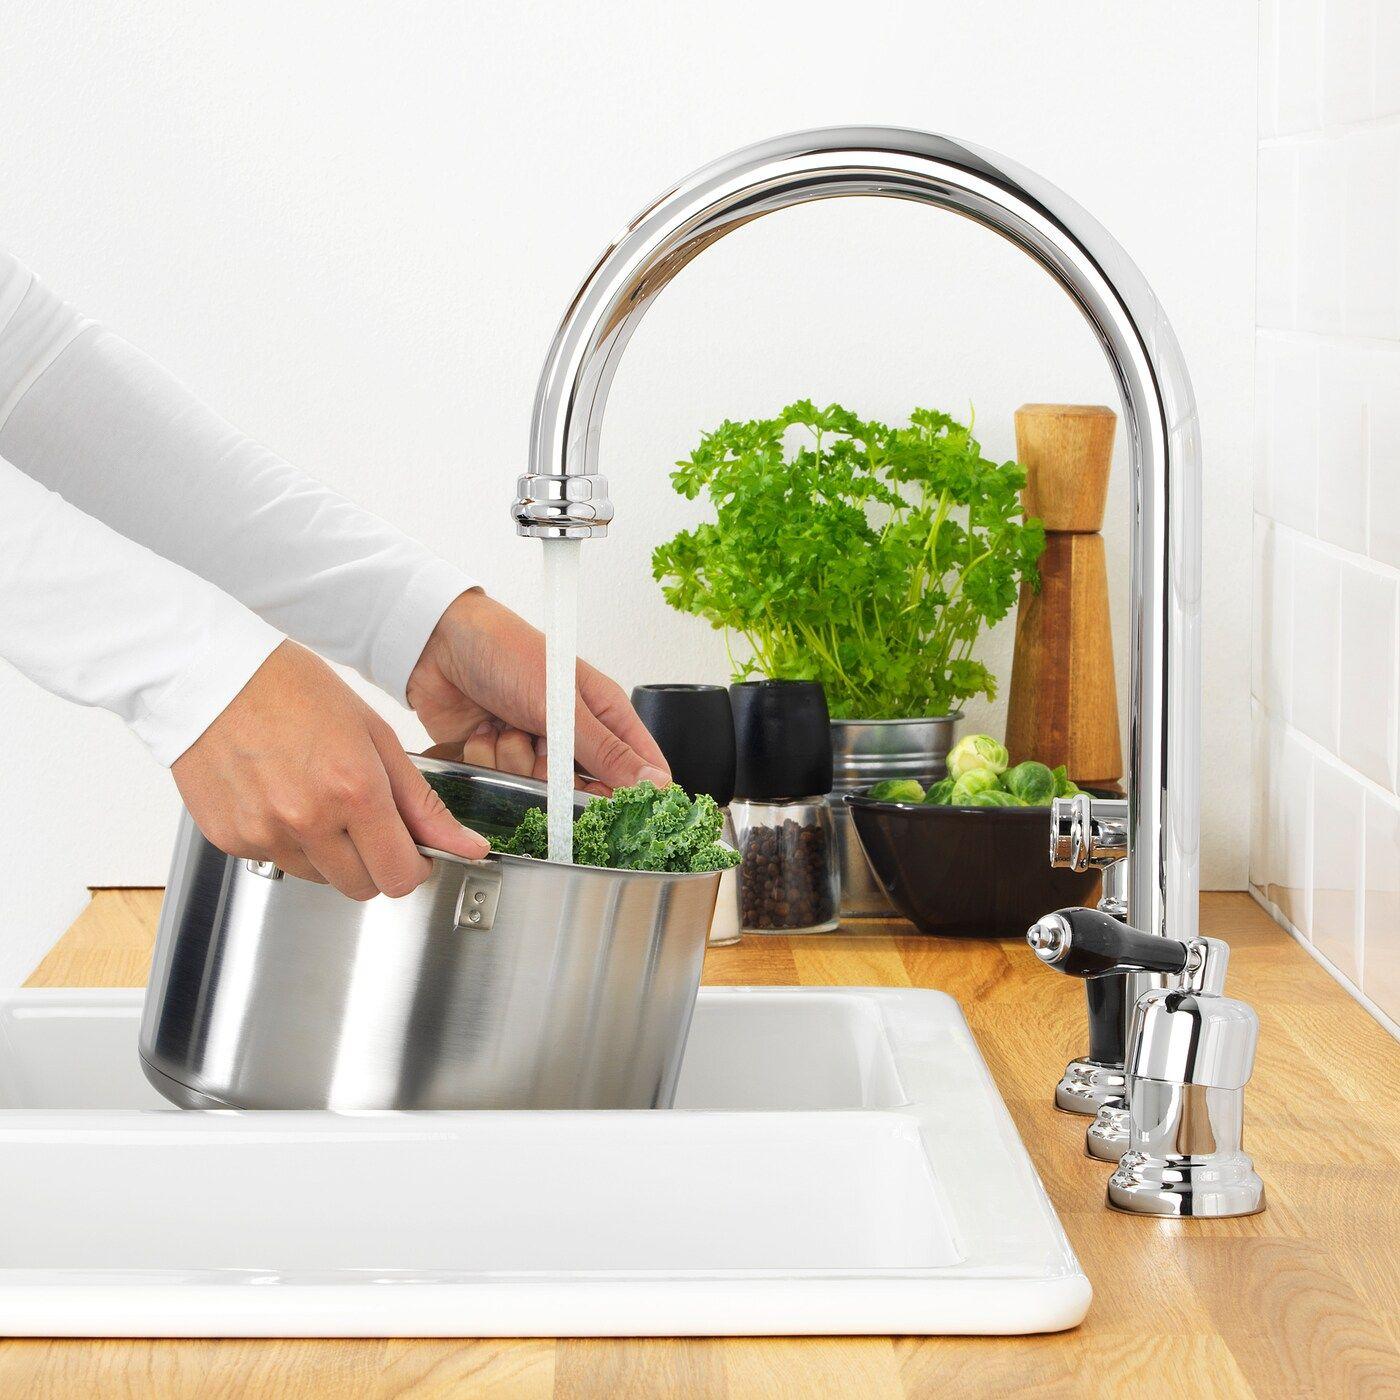 IKEA VITHAVET Kitchen faucetseparate